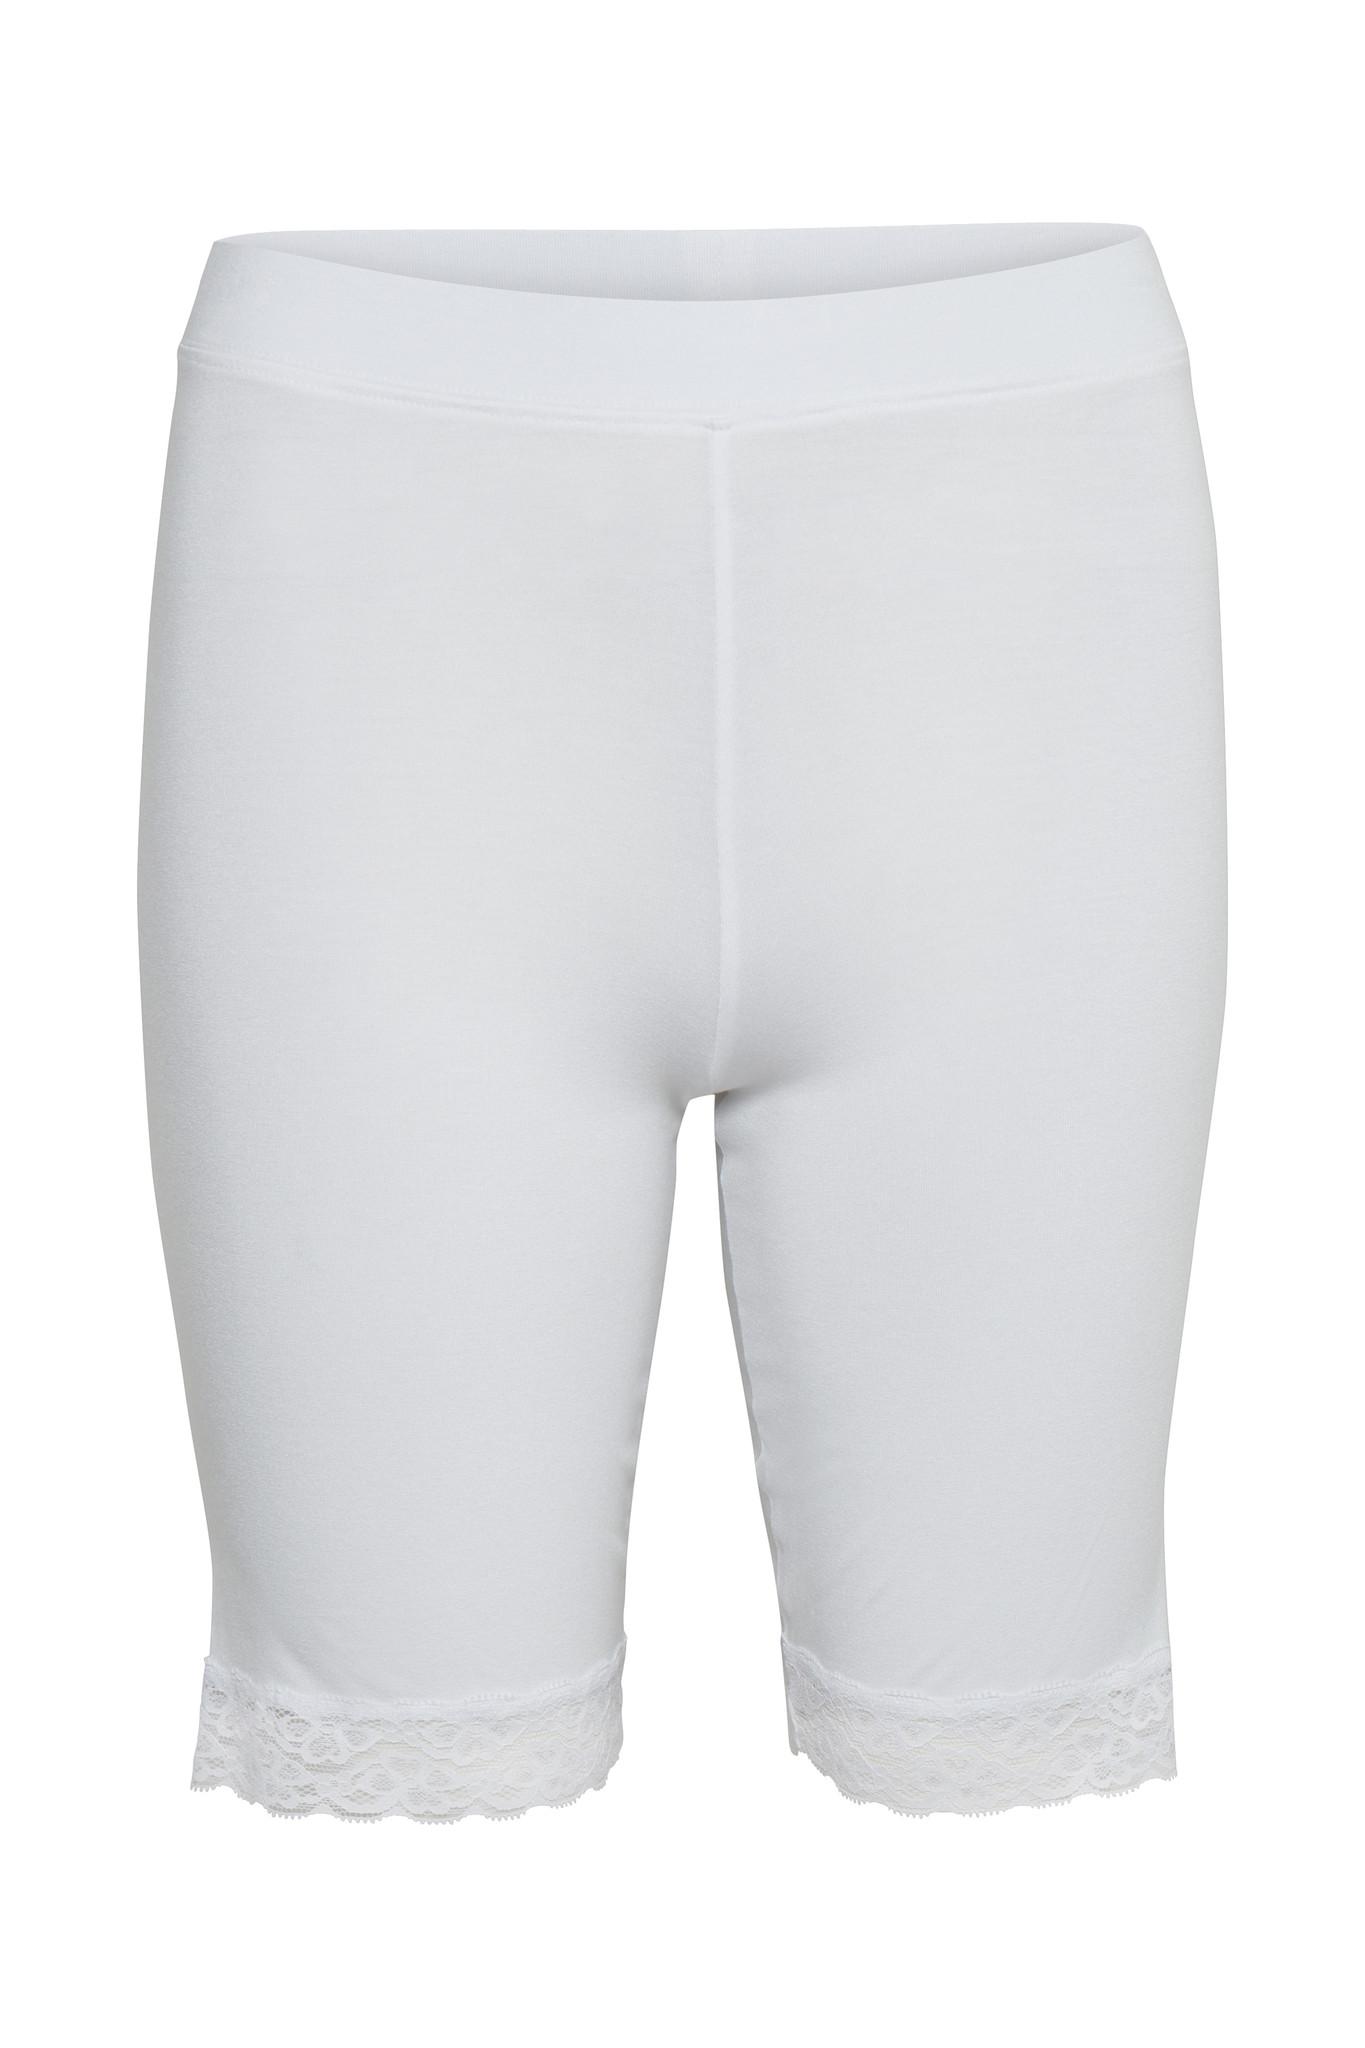 Broek KAsvala Jersey Shorts Optical white-1